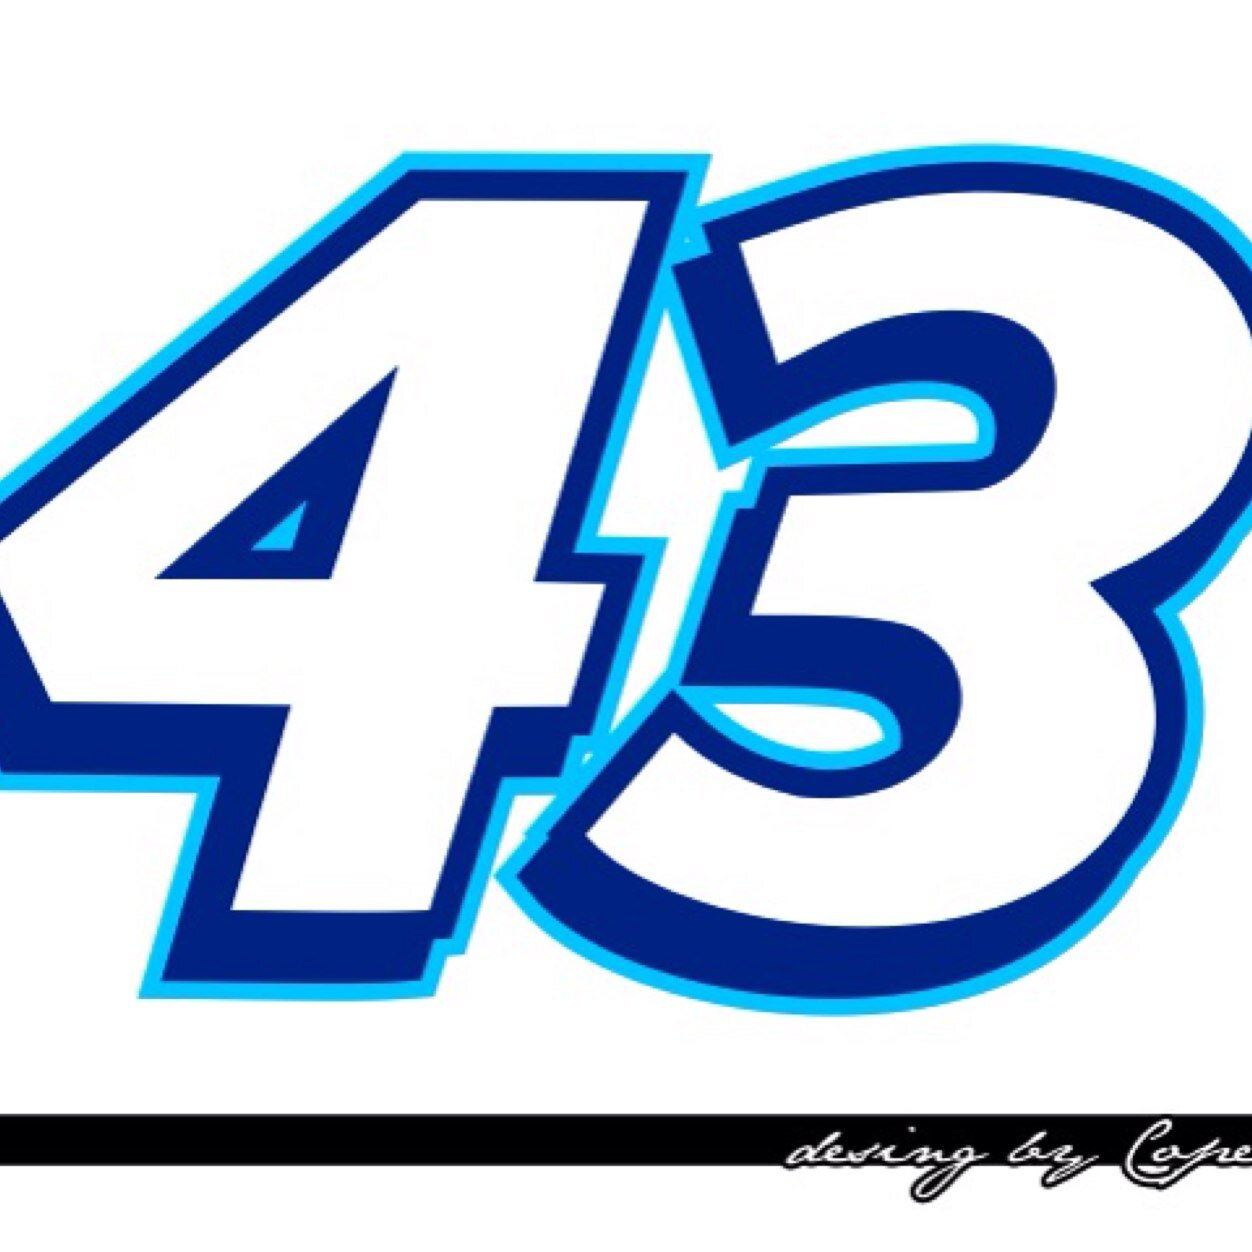 vampiro 43   34vampiro  twitter NASCAR Logo 2018 nascar logo license plate frame